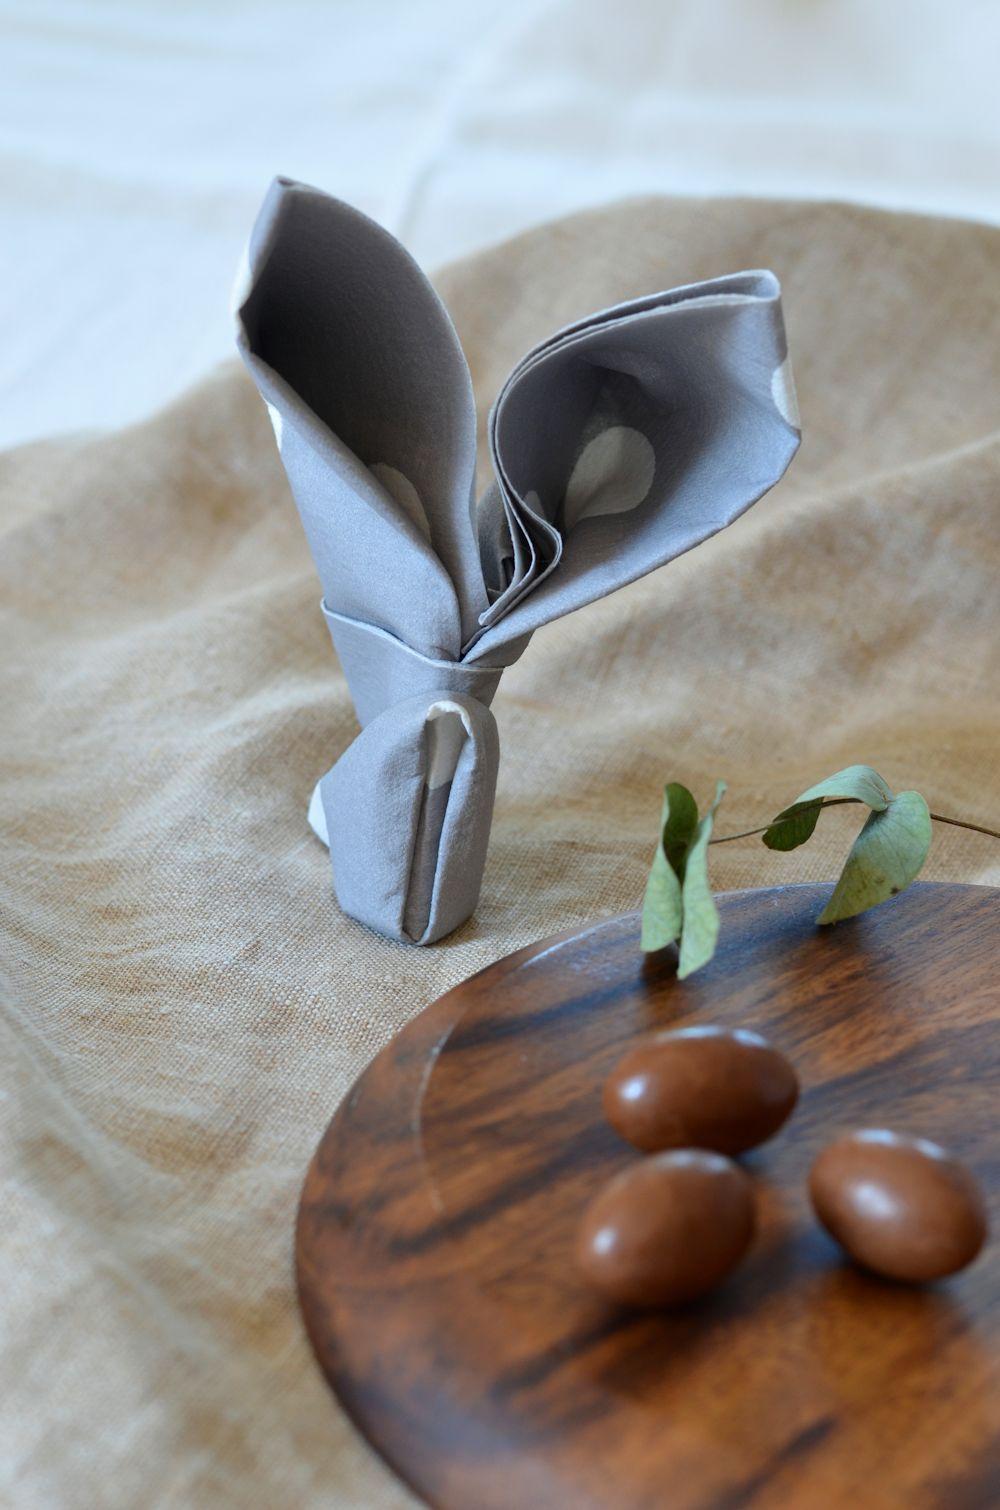 Pliage De Serviette En Lapin Pour Pques DIY Tangerine Zest